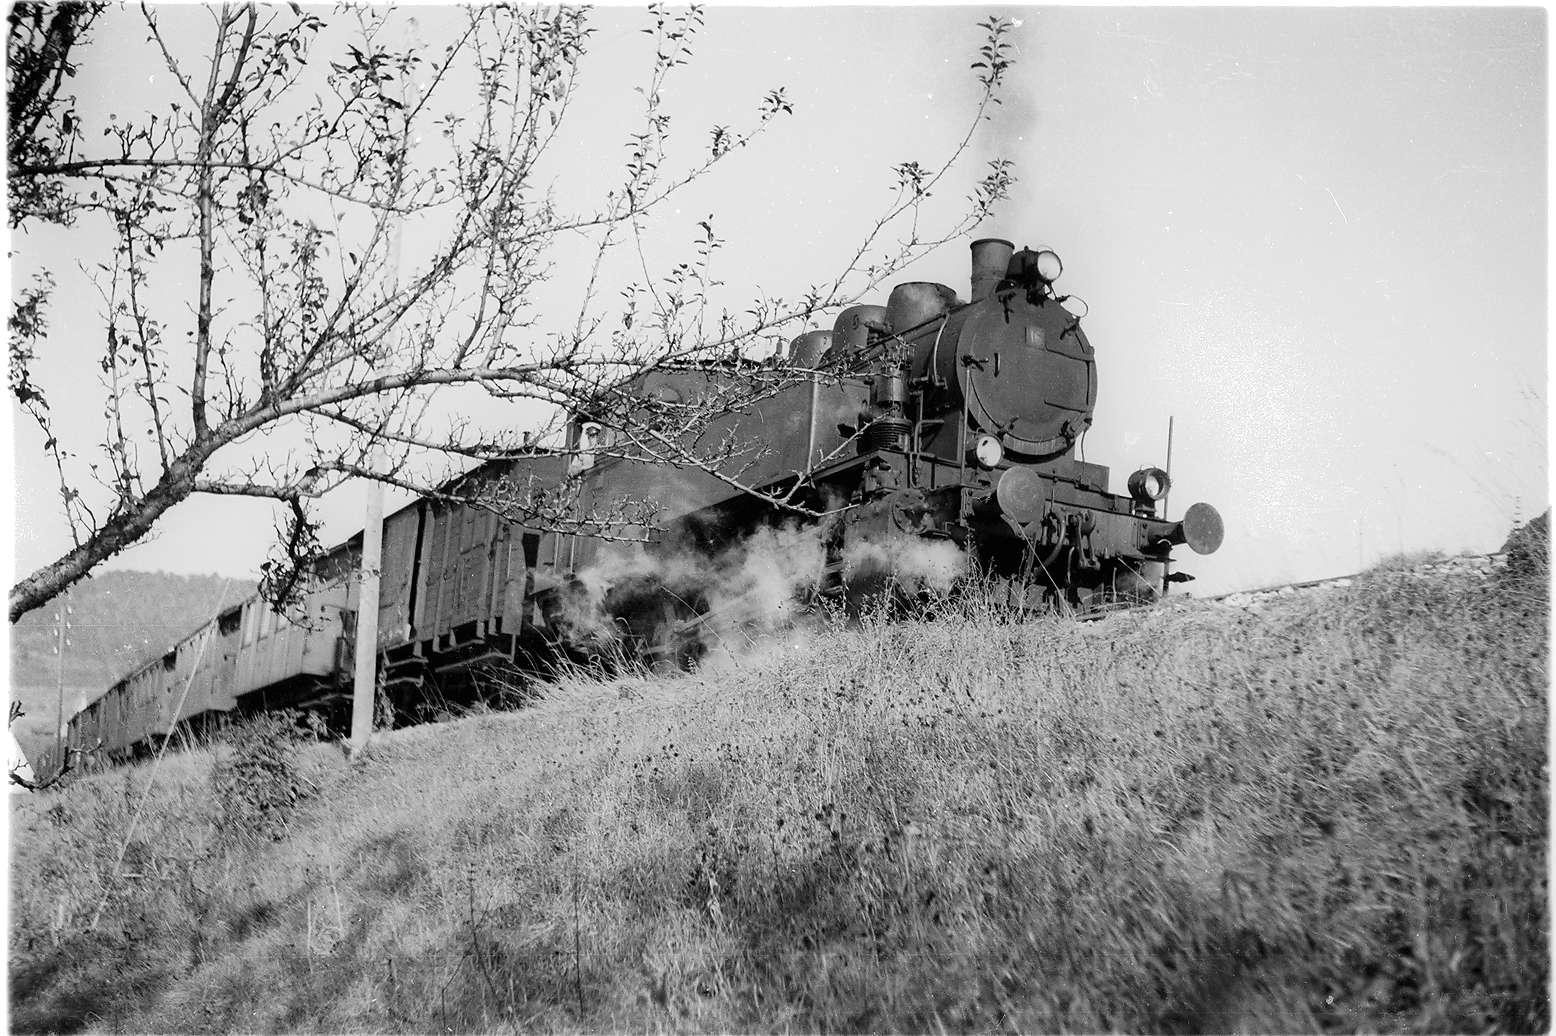 Lok 16 in voller Kraftentfaltung, Steilstrecke 1:36, Killer - Hausen, Bild 1